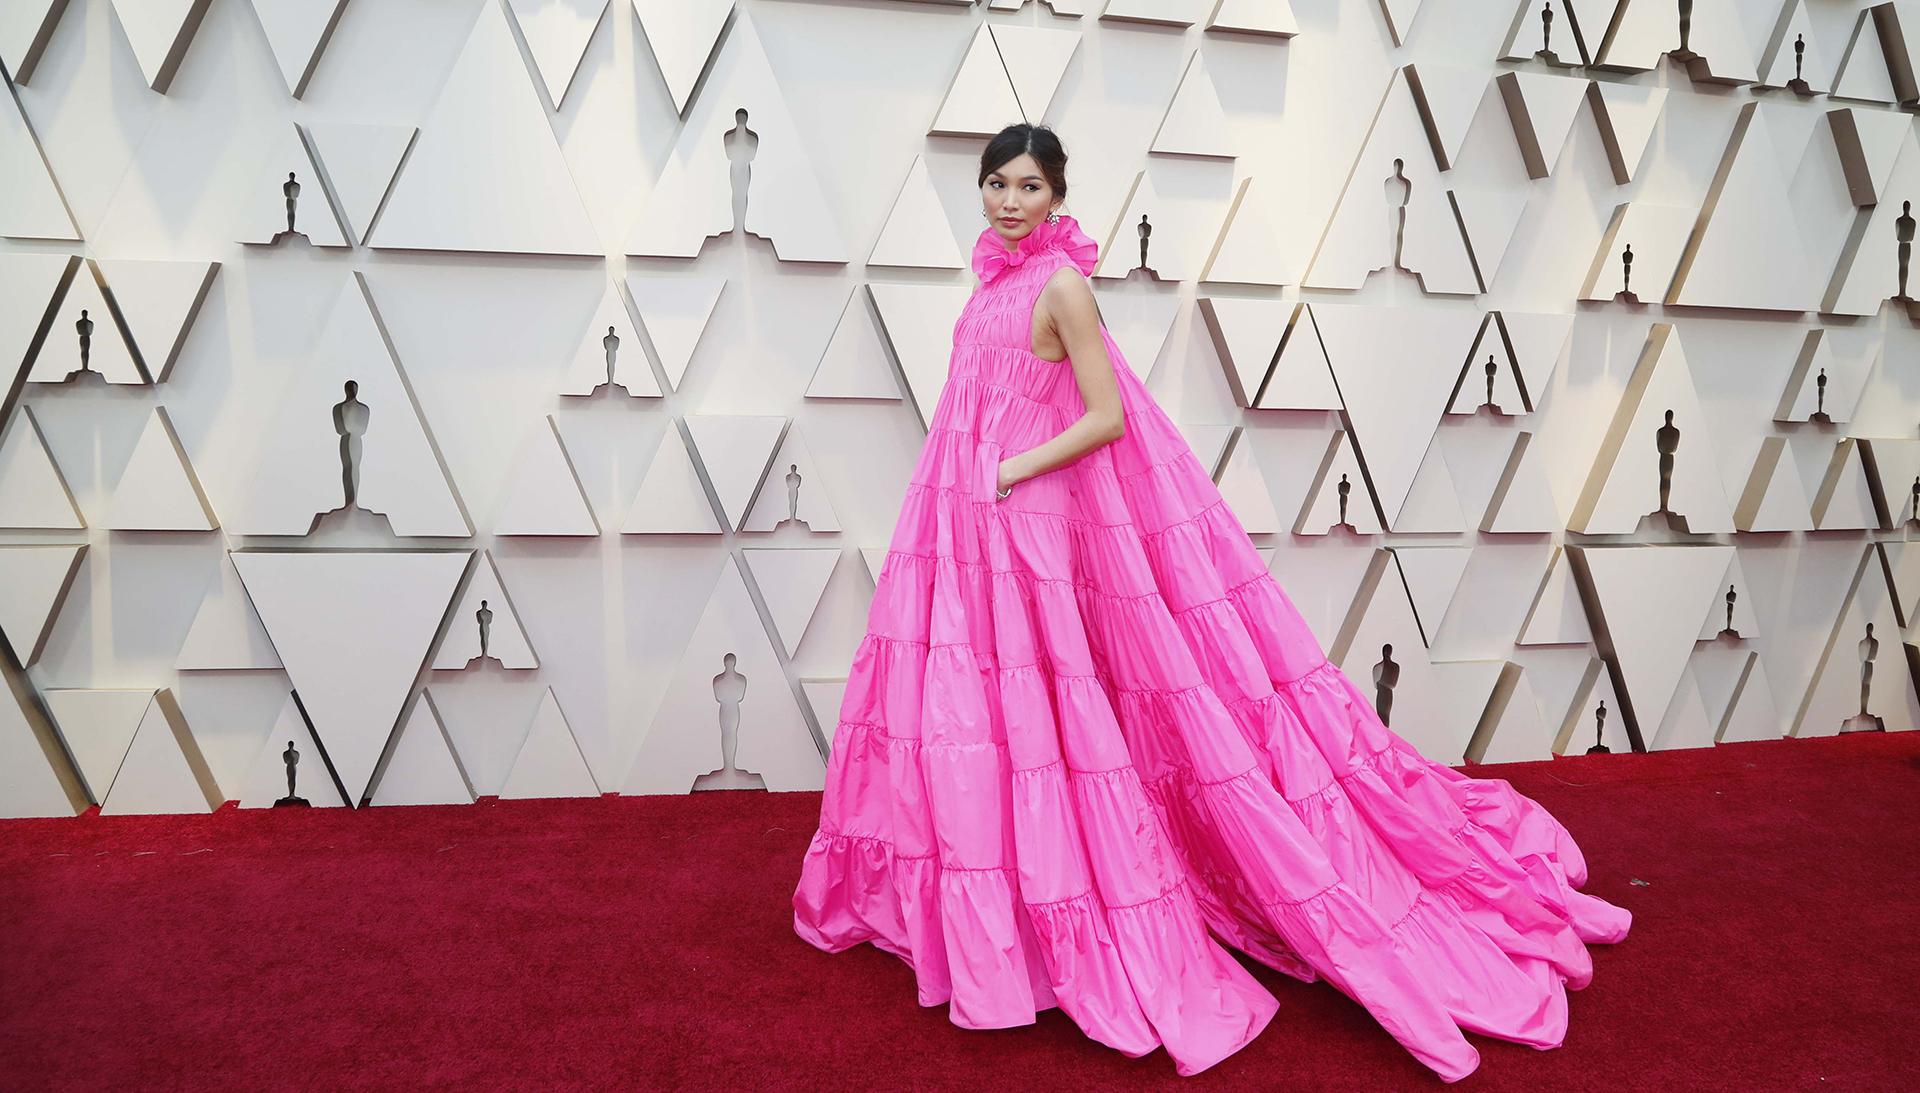 La actriz Gemma Chan sorprende en la alfombra roja con un vestido de Valentino línea A en color fucsia sin mangas y cuello con volados